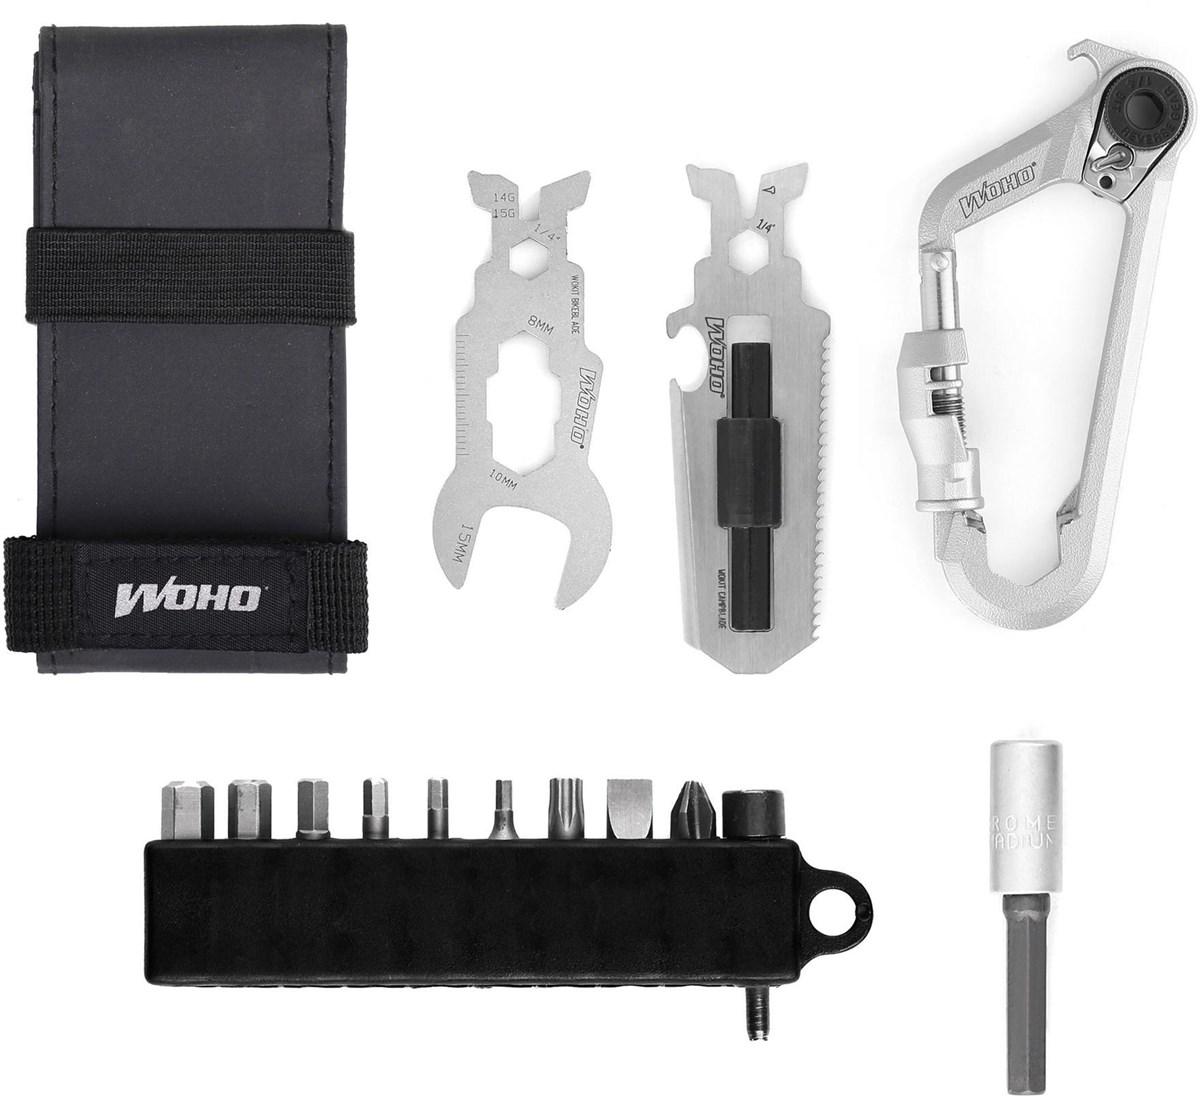 WOHO WOKit Plus Bikepacking Kit Carabiner Multi Tool | Værktøj